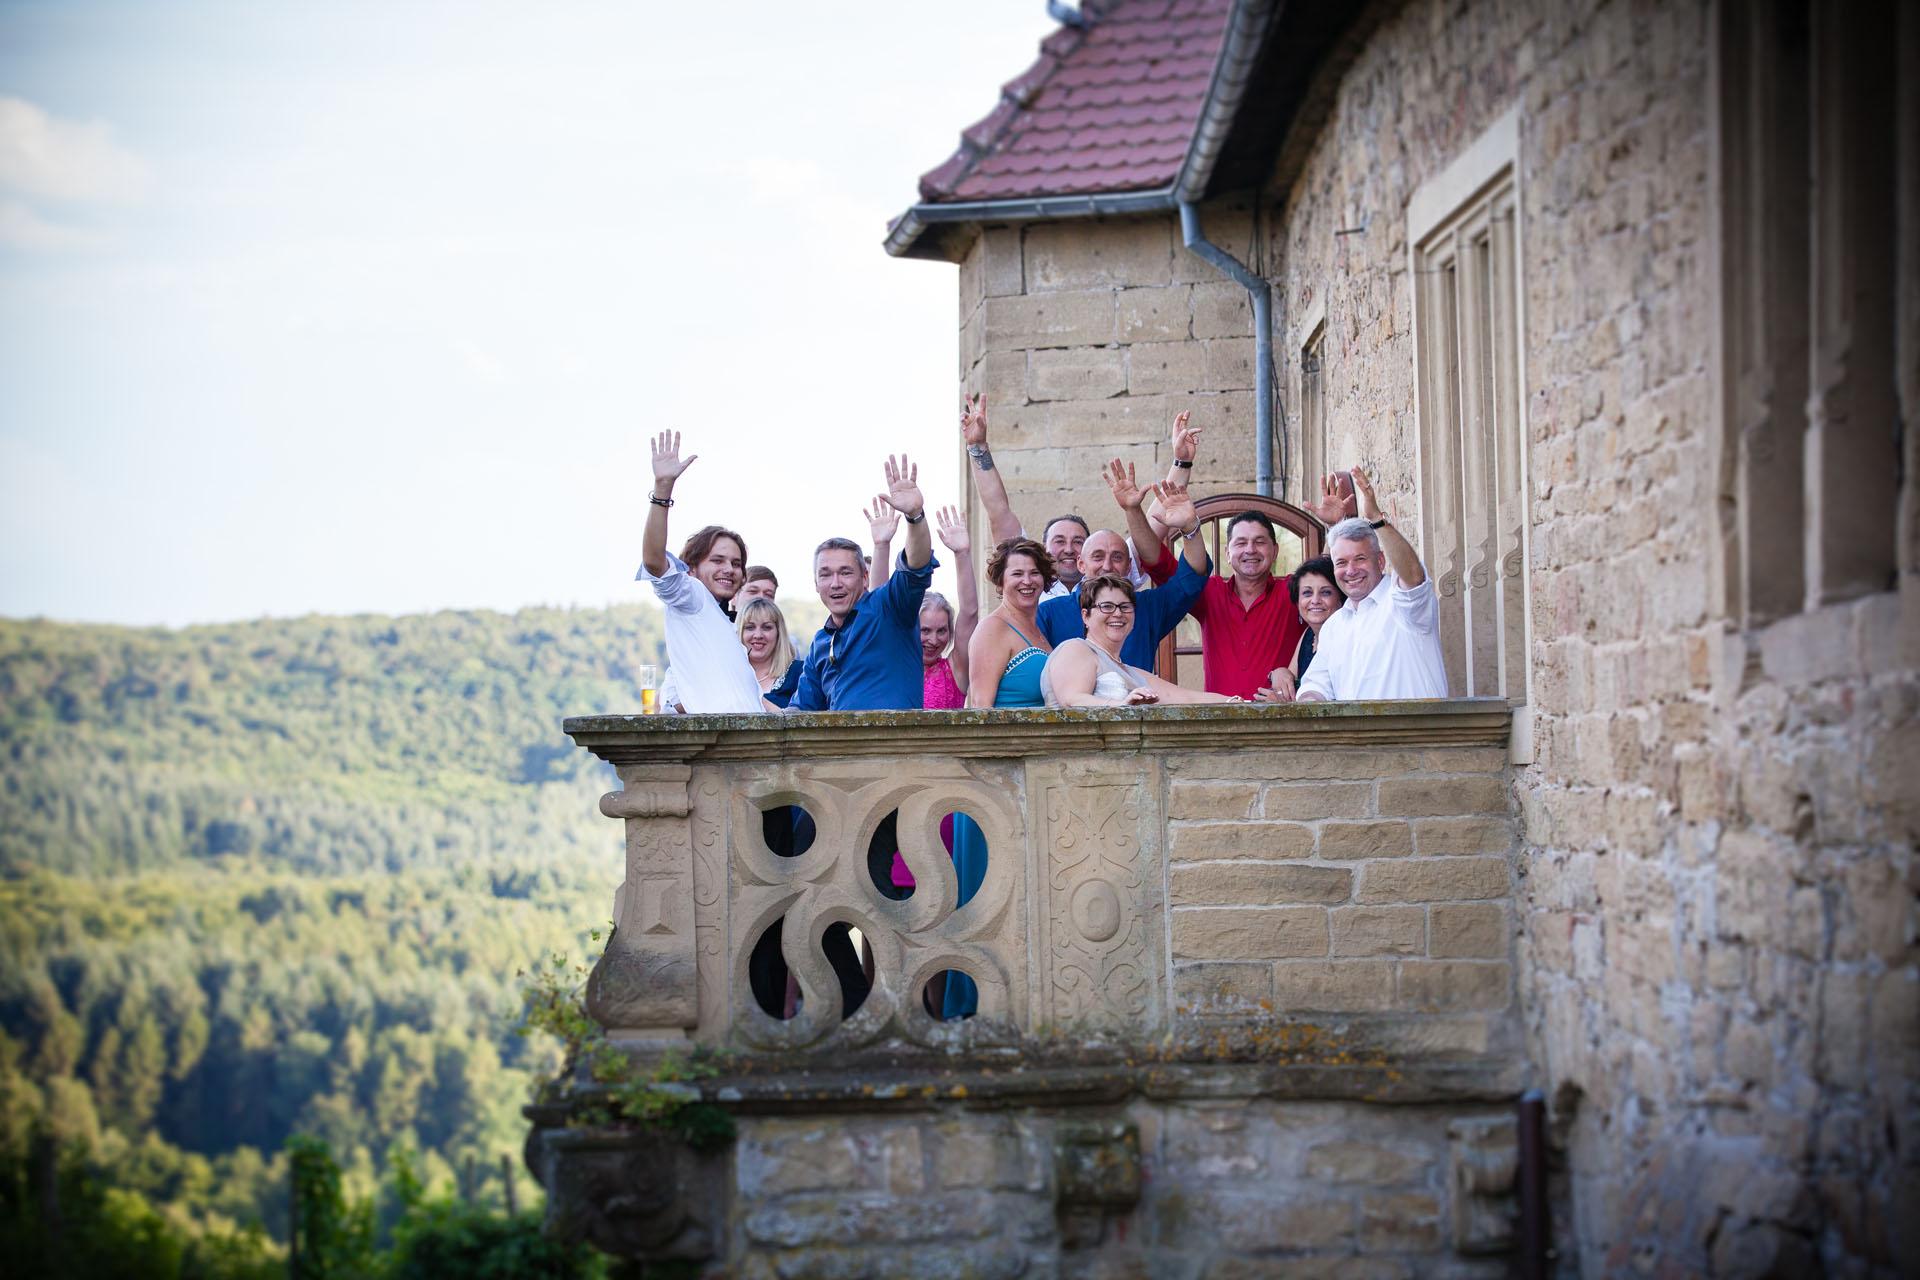 Hochzeitsgesellschaft auf dem Balkon der Burg Ravensburg